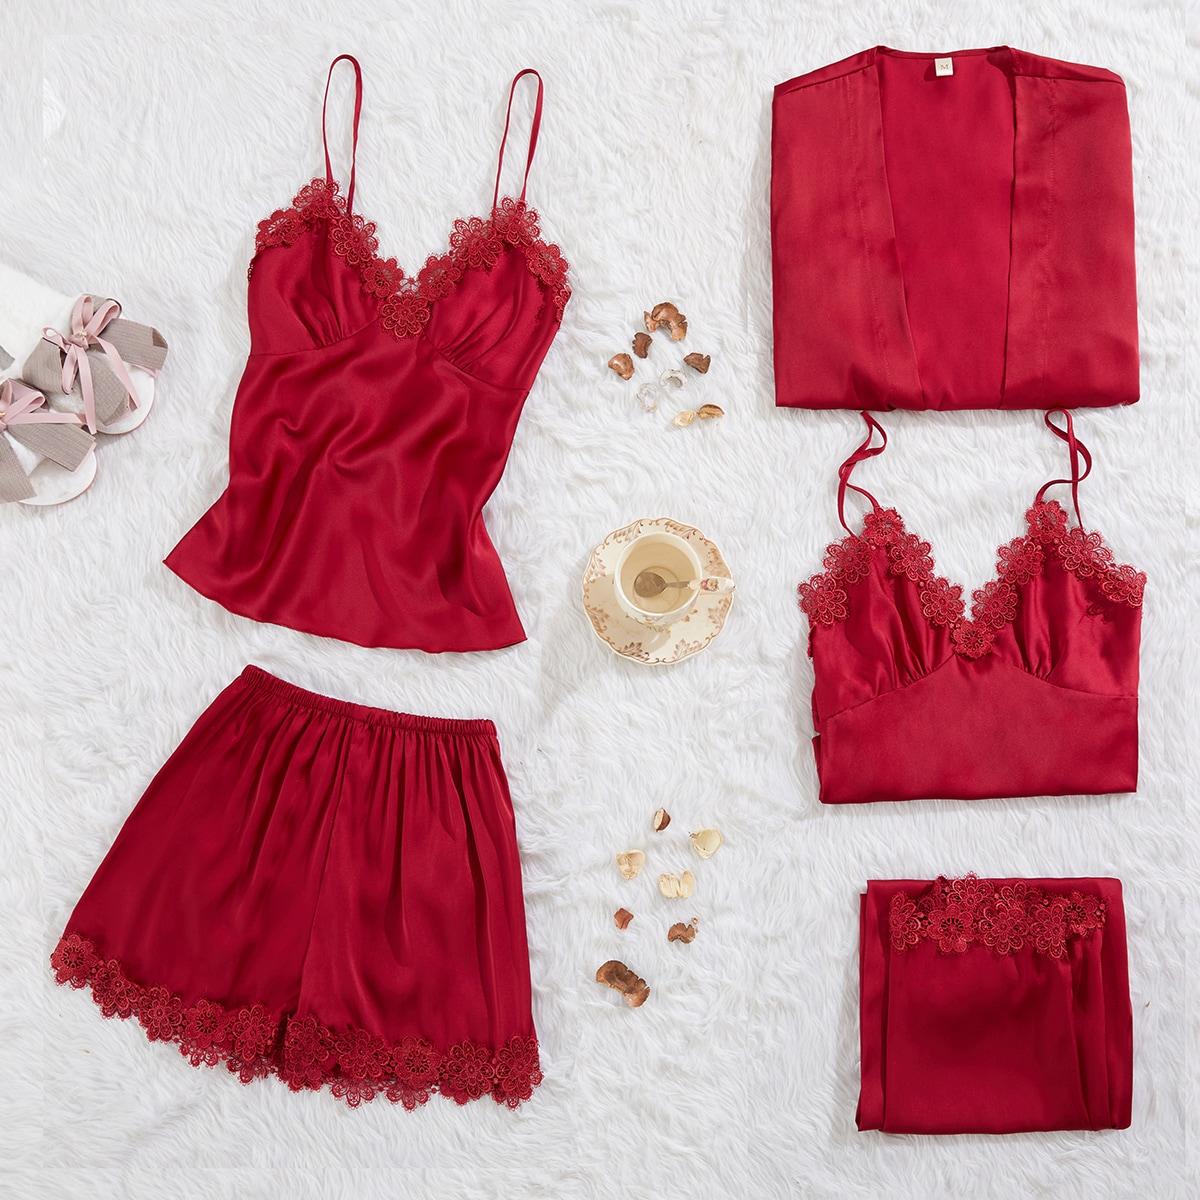 Контрастные кружева Одноцветный Элегантный Комплект пижамы